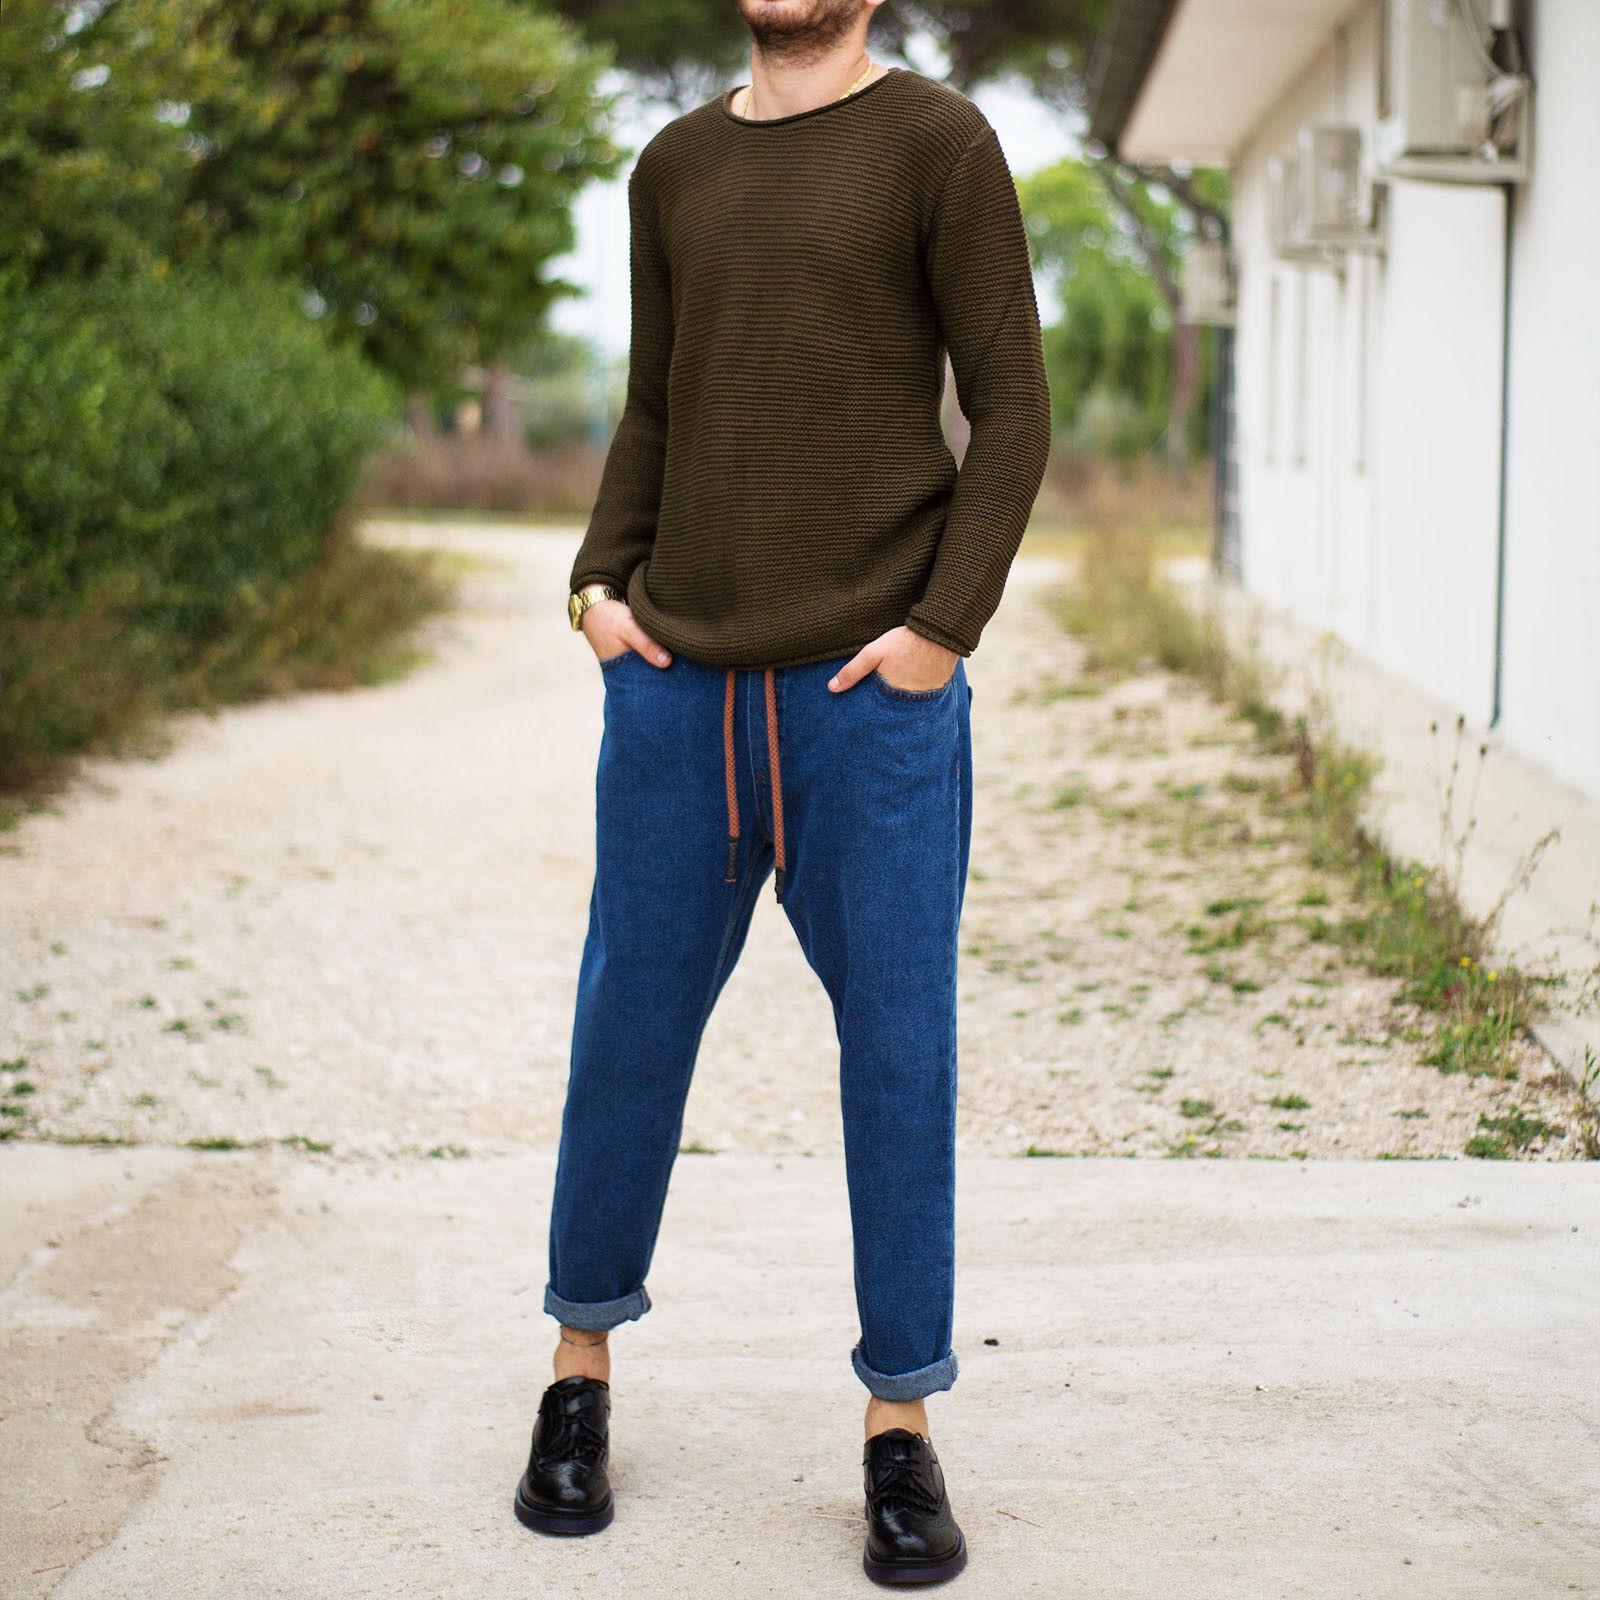 Jeans Uomo Elastico in Vita Coulisse Denim Casual Slim Fit Boyfriend New  m1802-4 e92863de625a